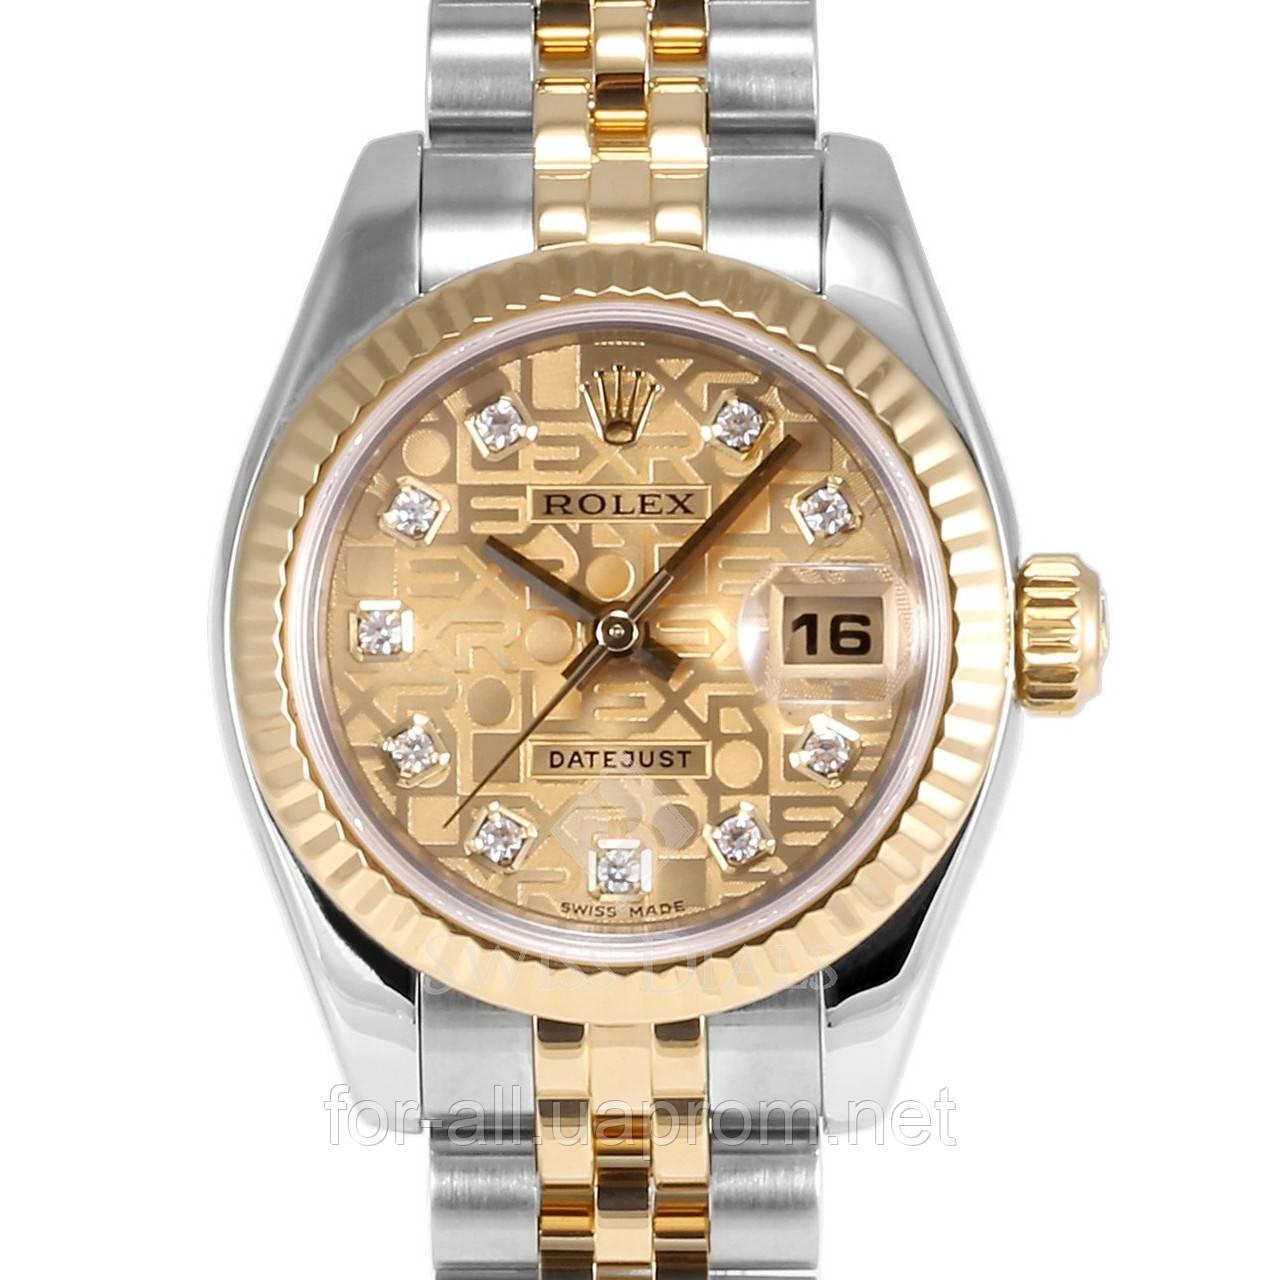 Часы женские наручные брендовые ролекс часы с изумрудами купить